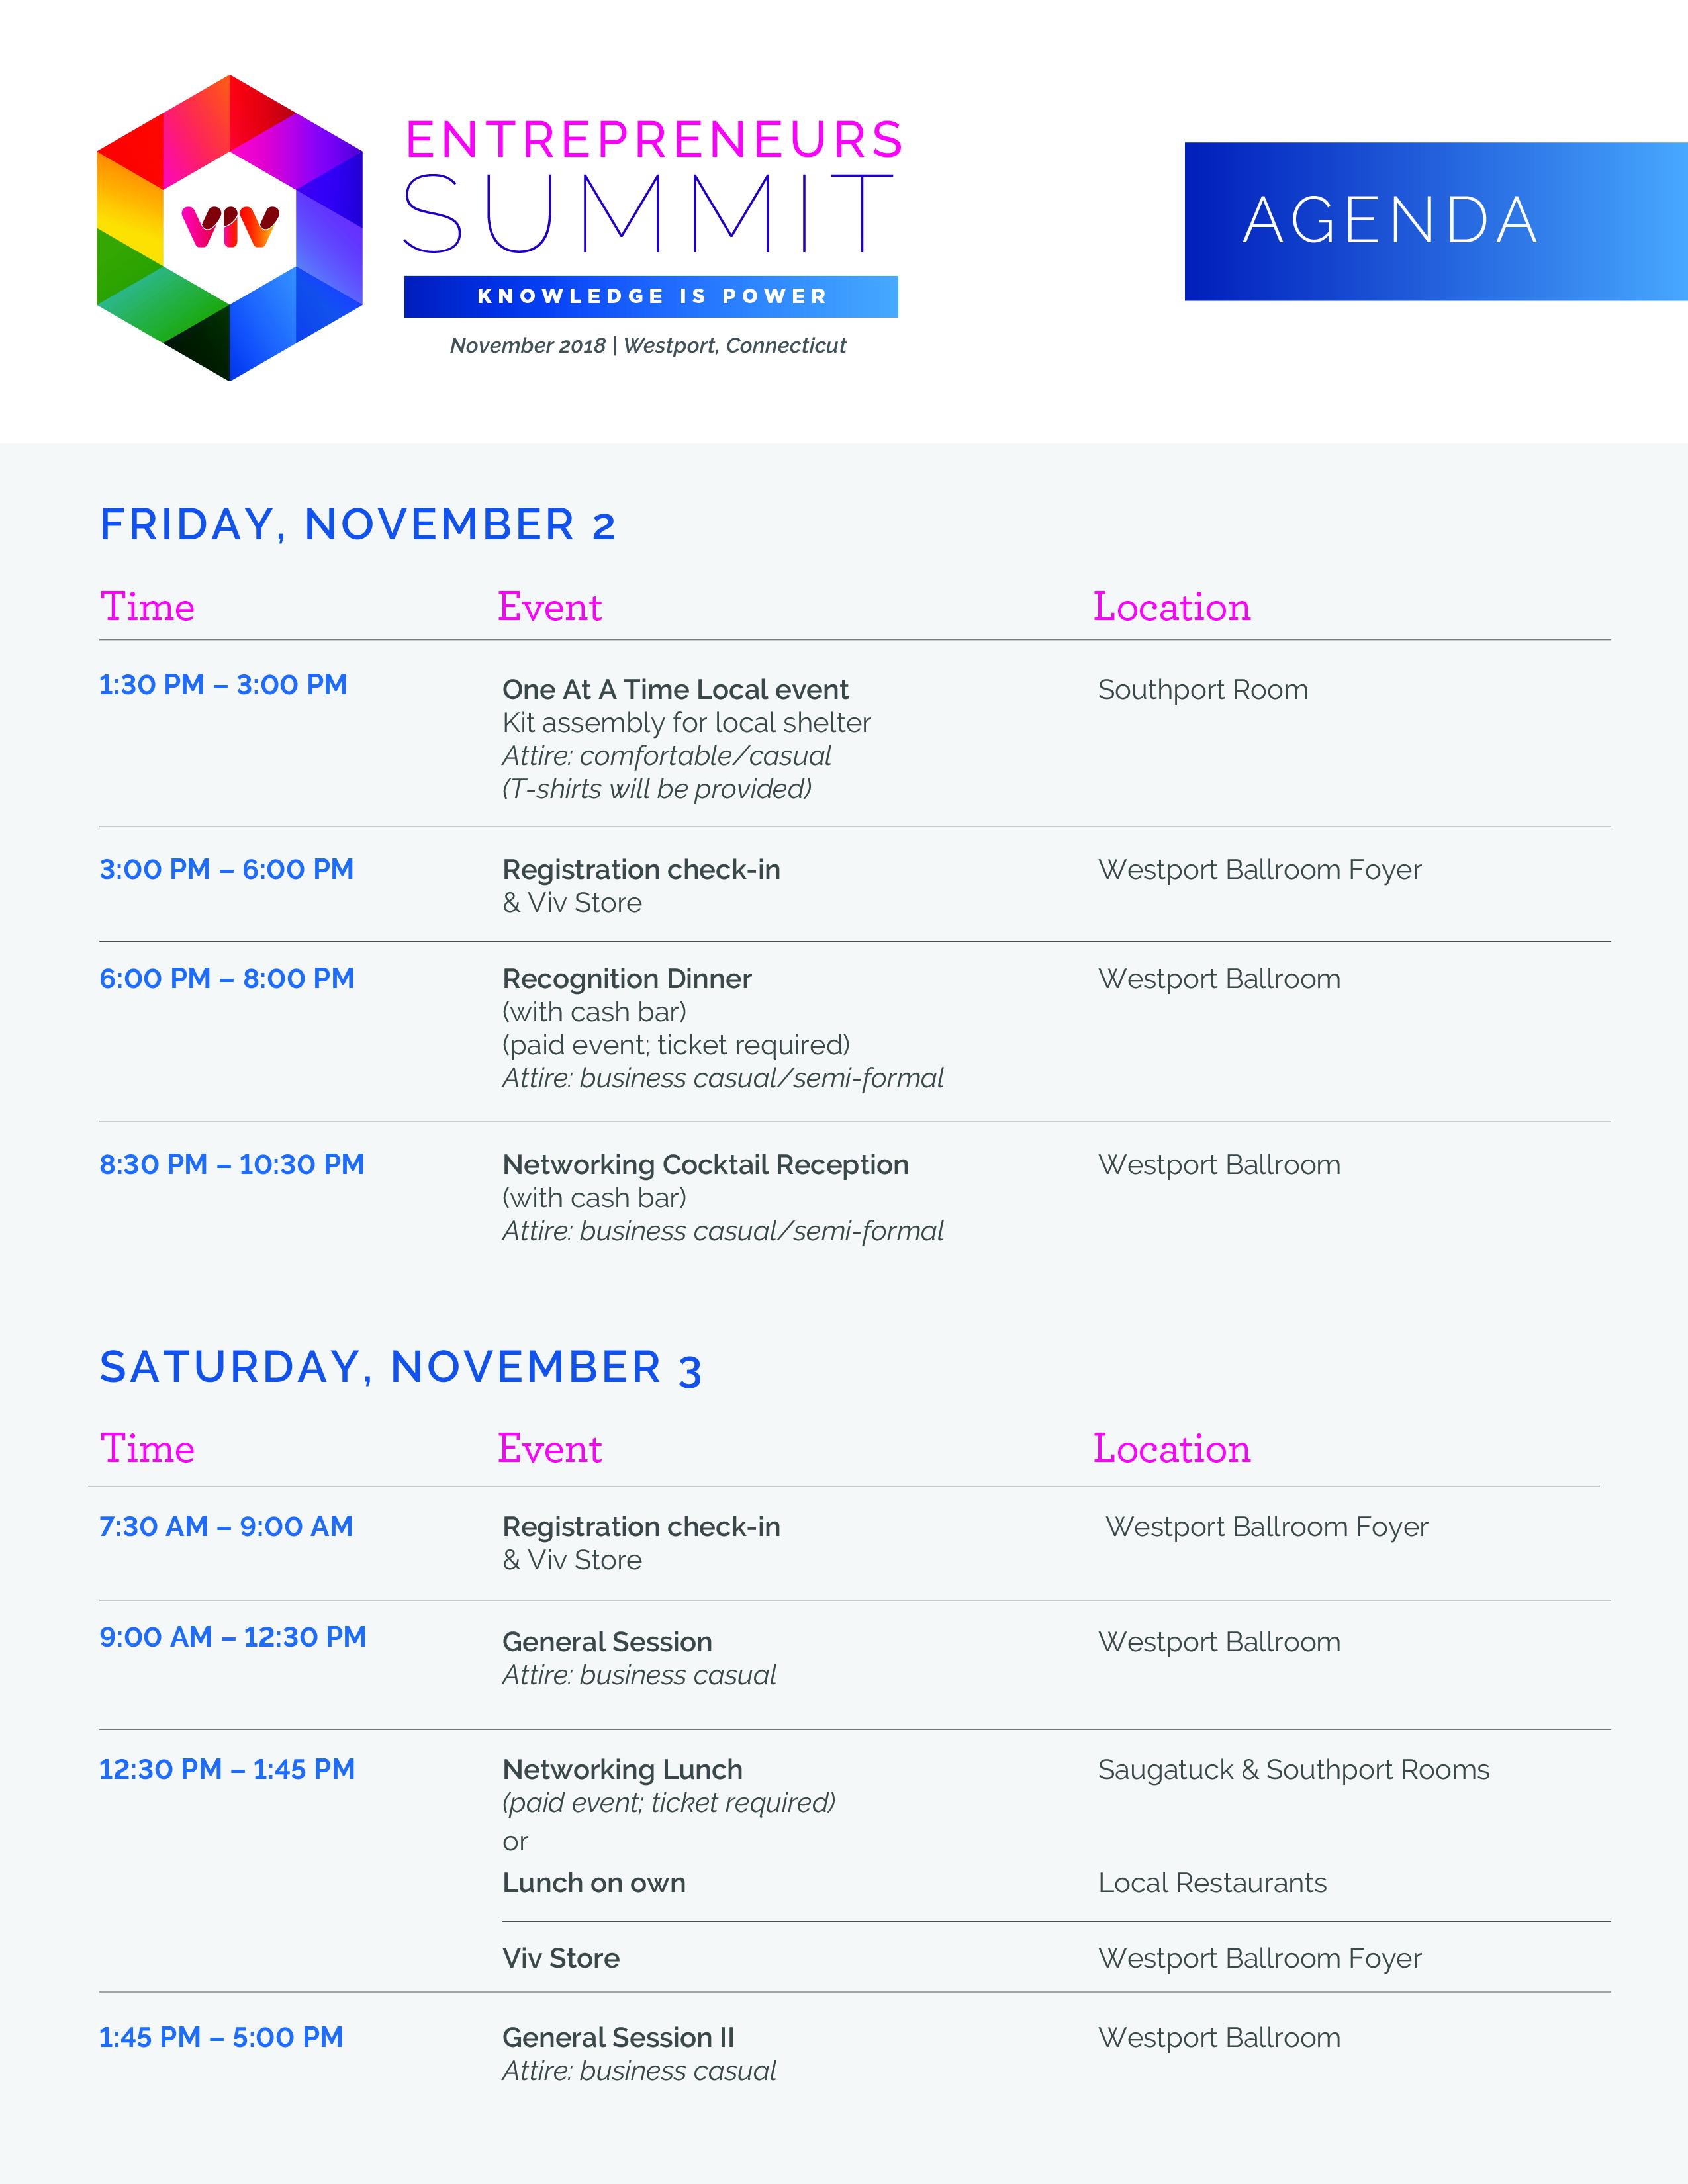 Entrepreneurs Summit agenda